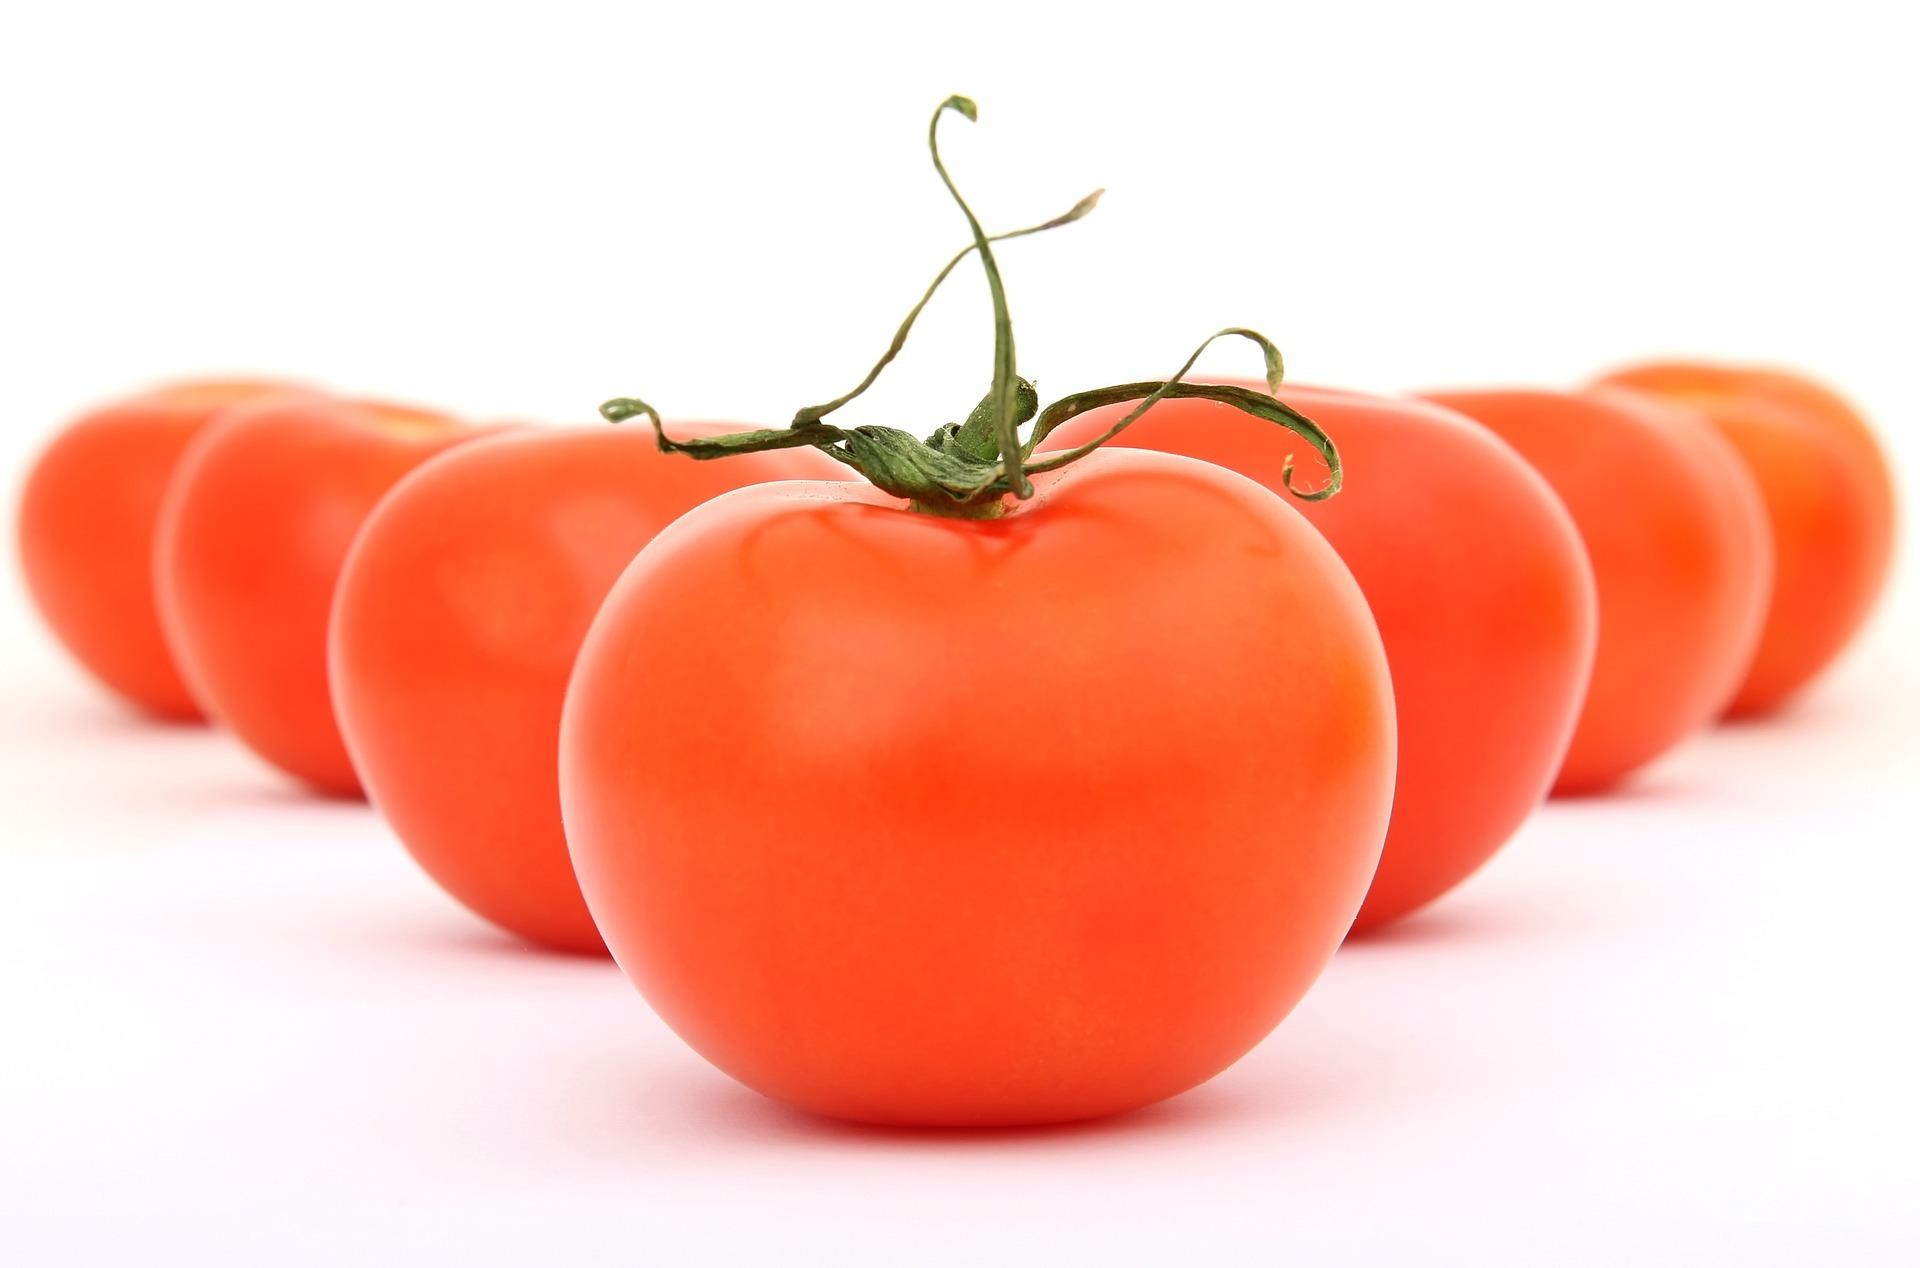 風靡30年的番茄工作法,3步驟4原則,25分鐘打造成功的最小單位